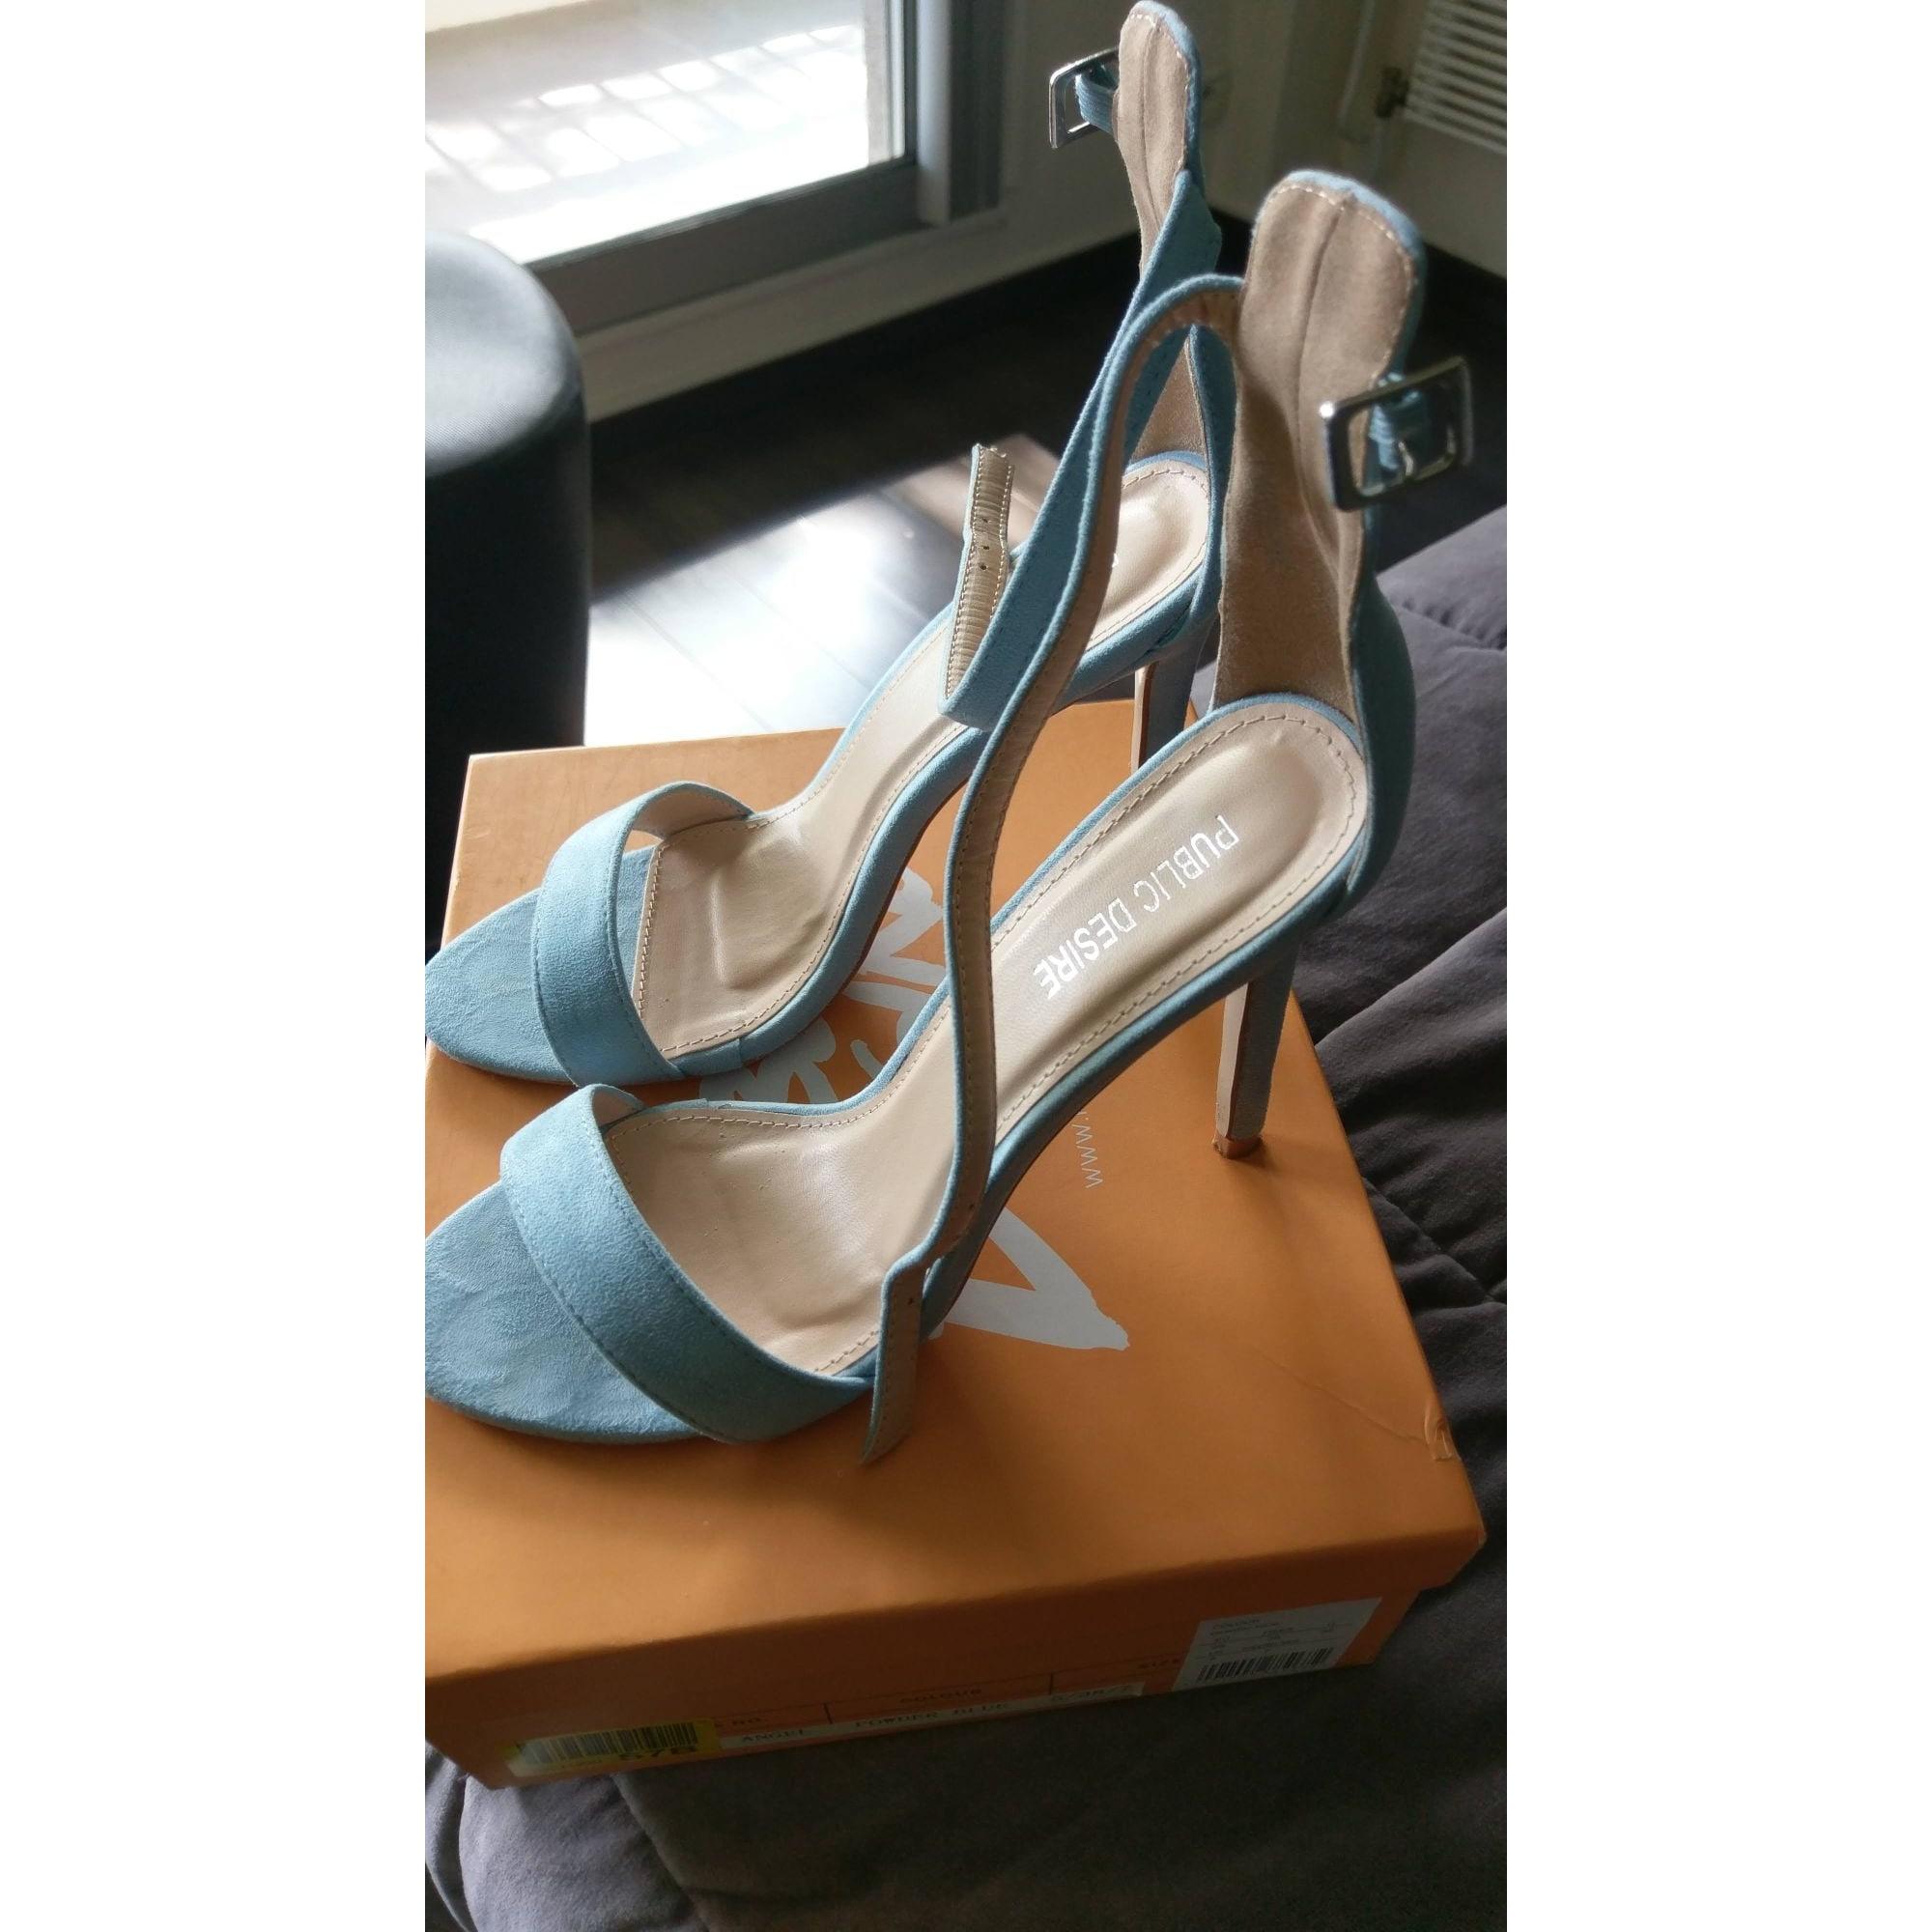 Sandales à talons PUBLIC DESIRE Bleu, bleu marine, bleu turquoise